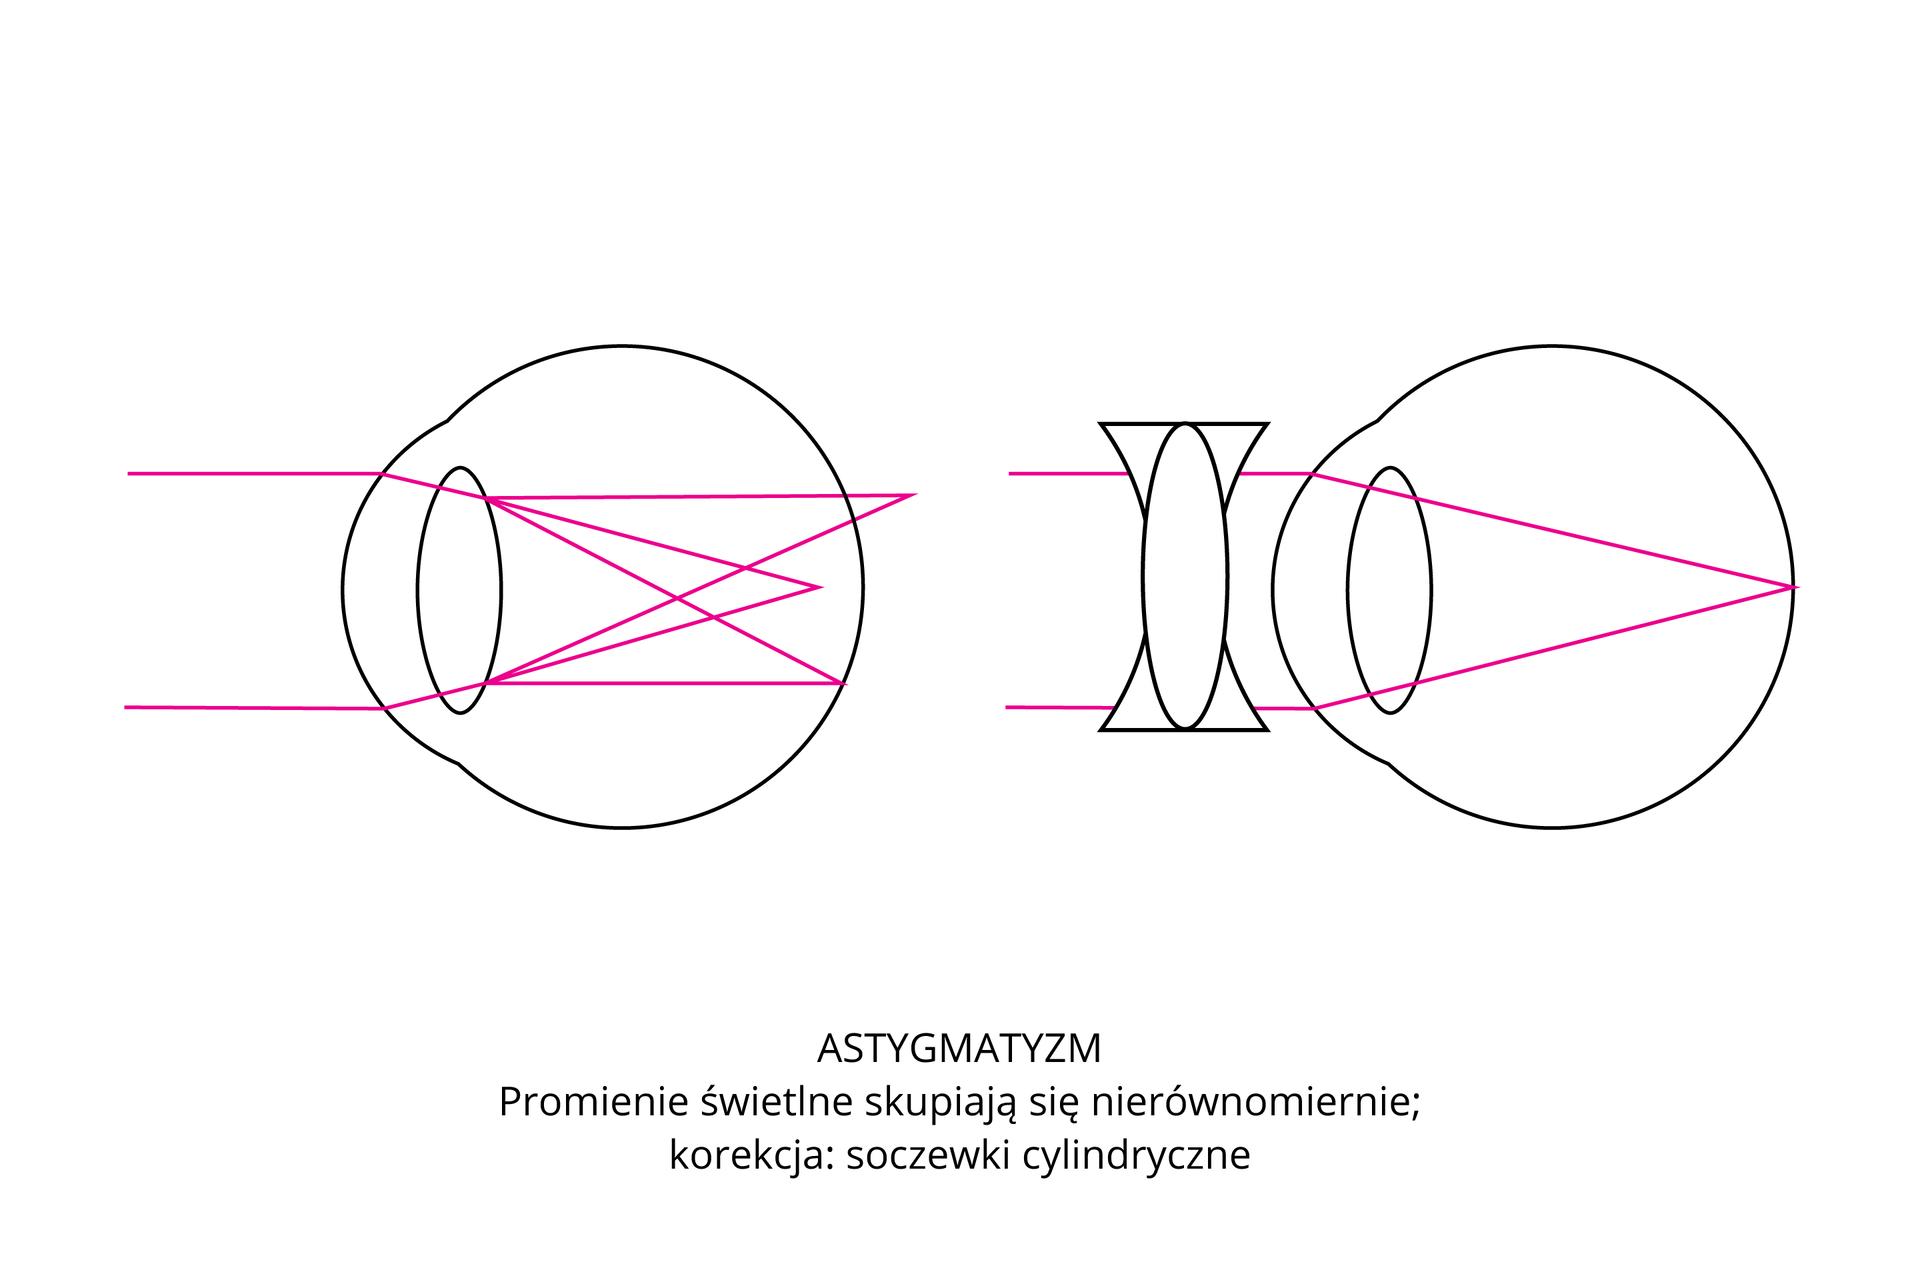 Wgalerii są rysunki, ilustrujące wady wzroku isposoby ich korekcji. Oko zlewej dotknięte astygmatyzmem. Promienie świetlne skupiają się nierównomiernie. Korekcja przy pomocy soczewki cylindrycznej.